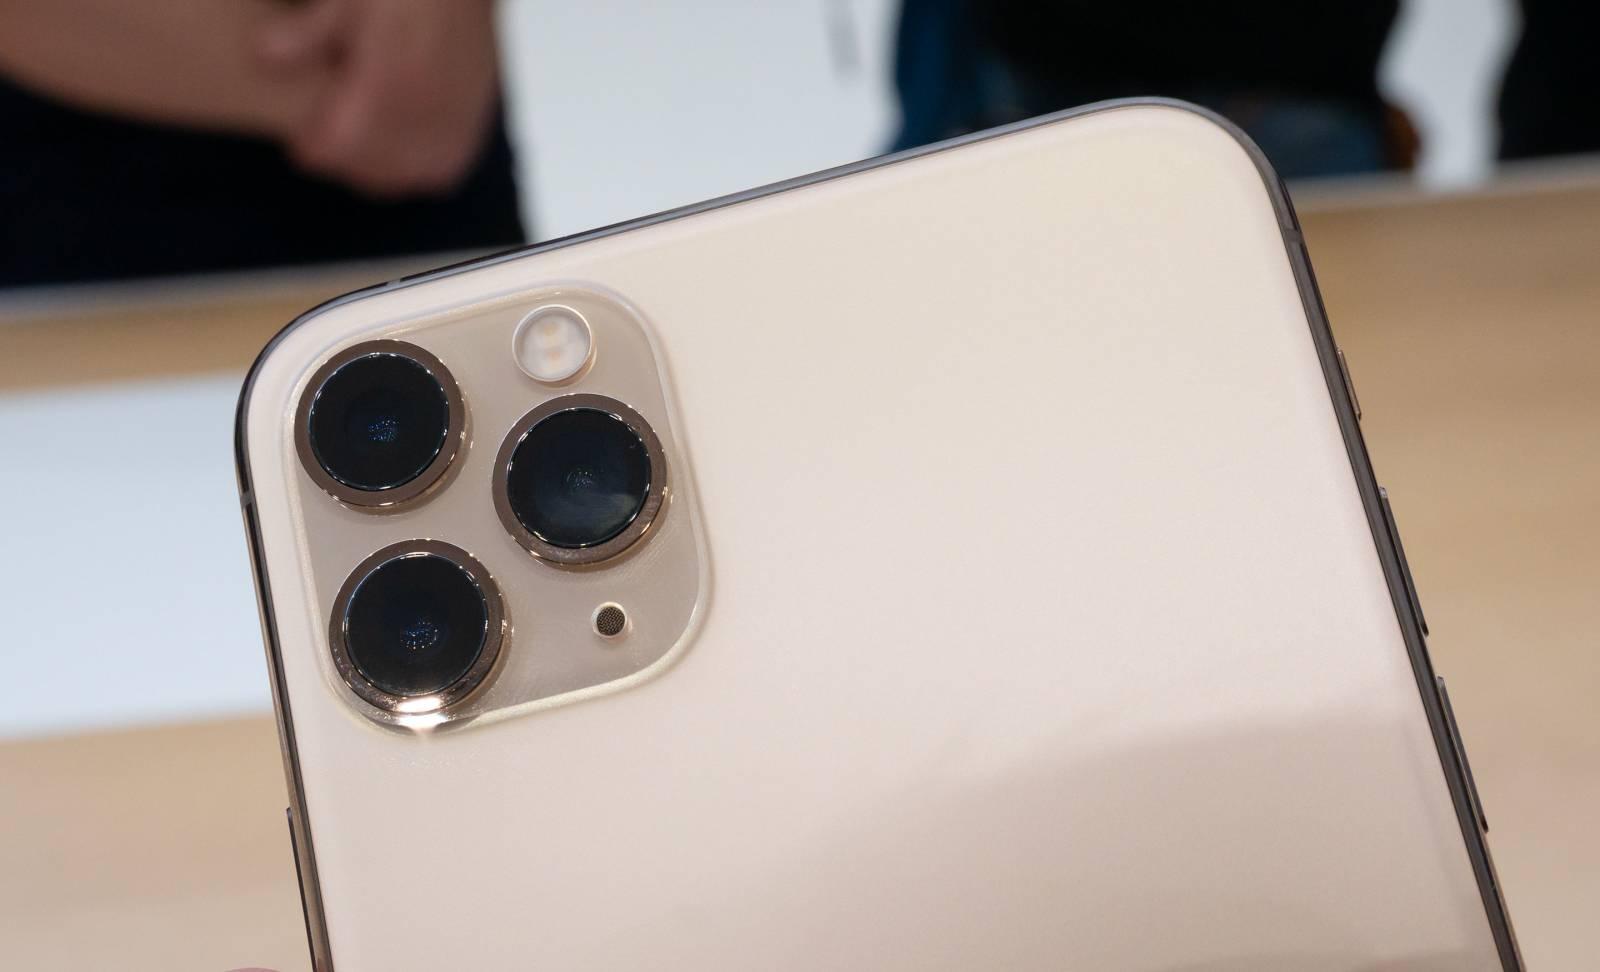 iPhone 11 Pro Functia GROZAVA Din Telefoane care e DEZACTIVATA